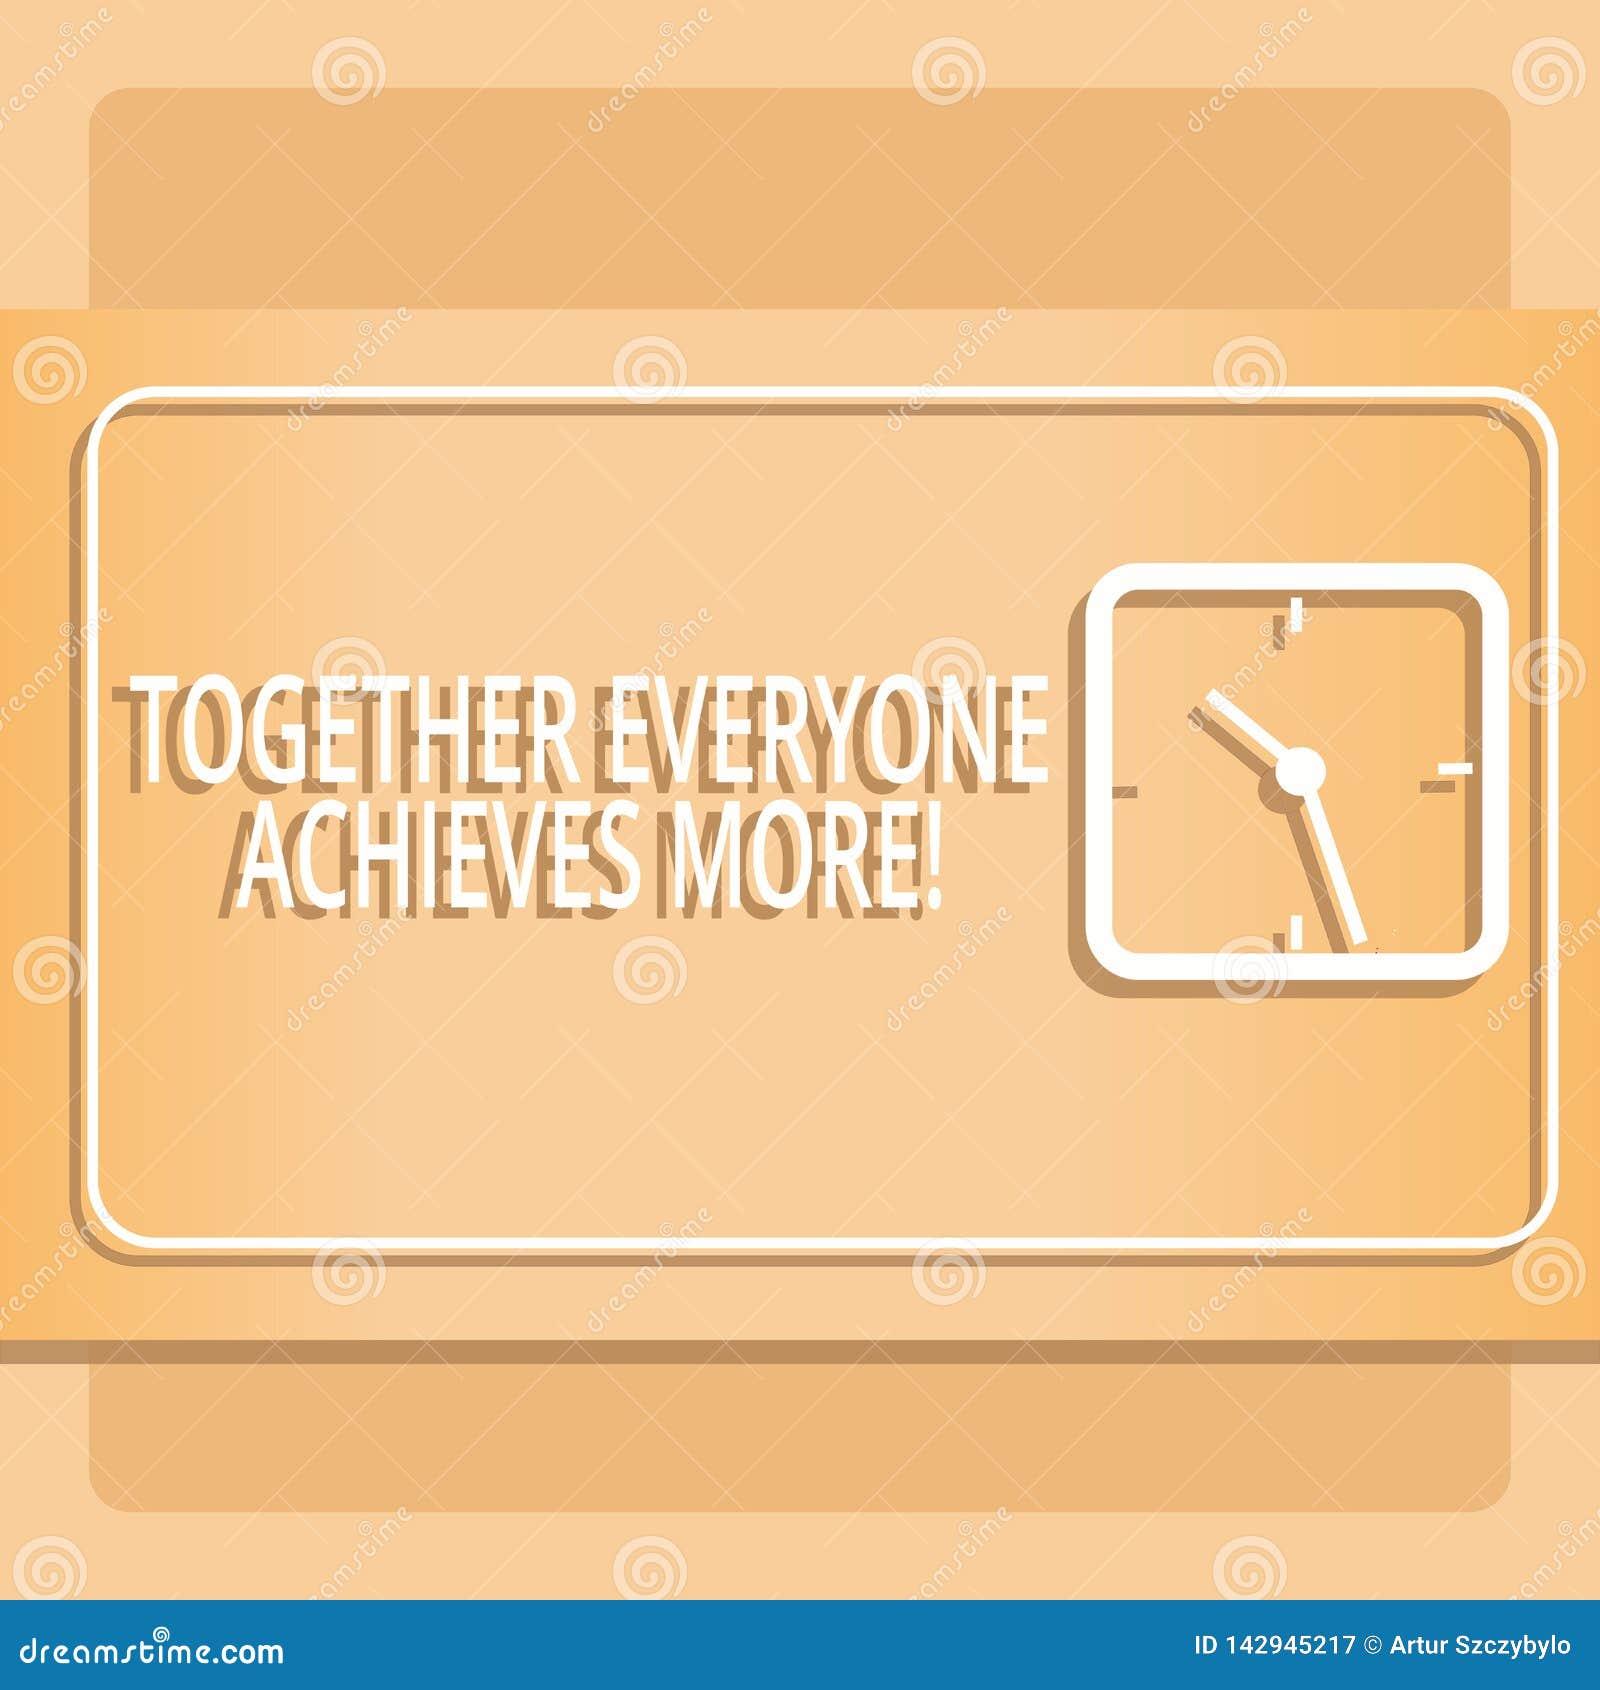 一起显示大家的文本标志达到更多 概念性照片成员创造共同作用强的感觉承诺